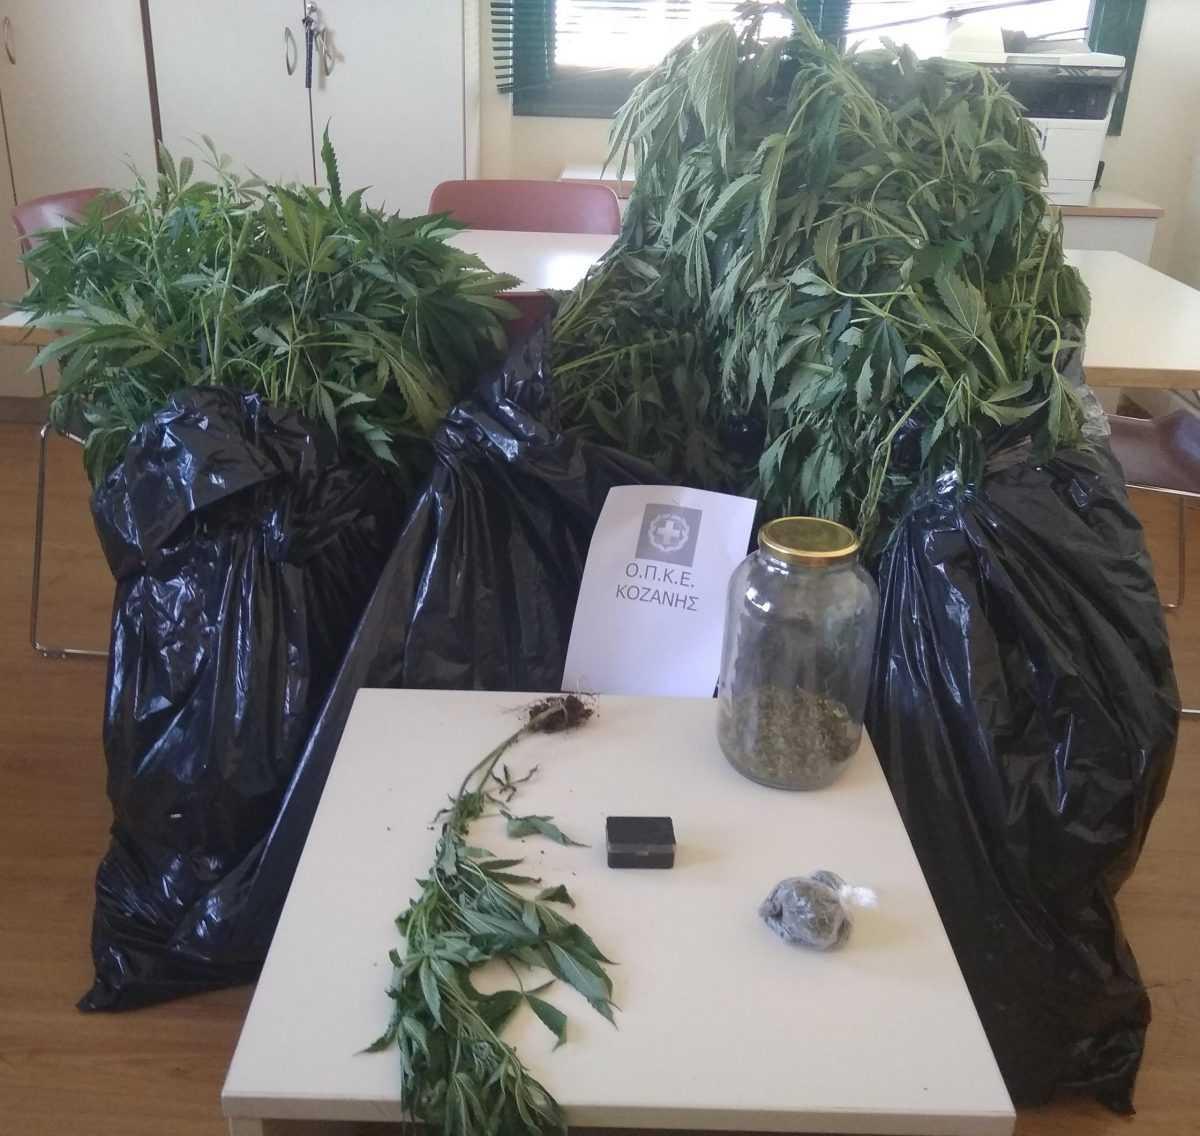 Καλλιεργούσαν σε περιοχή της Κοζάνης 27 δενδρύλλια κάνναβης. Συνελήφθησαν 55χρονος και 72χρονος σε περιοχή της Κοζάνης για καλλιέργεια και κατοχή ναρκωτικών ουσιών